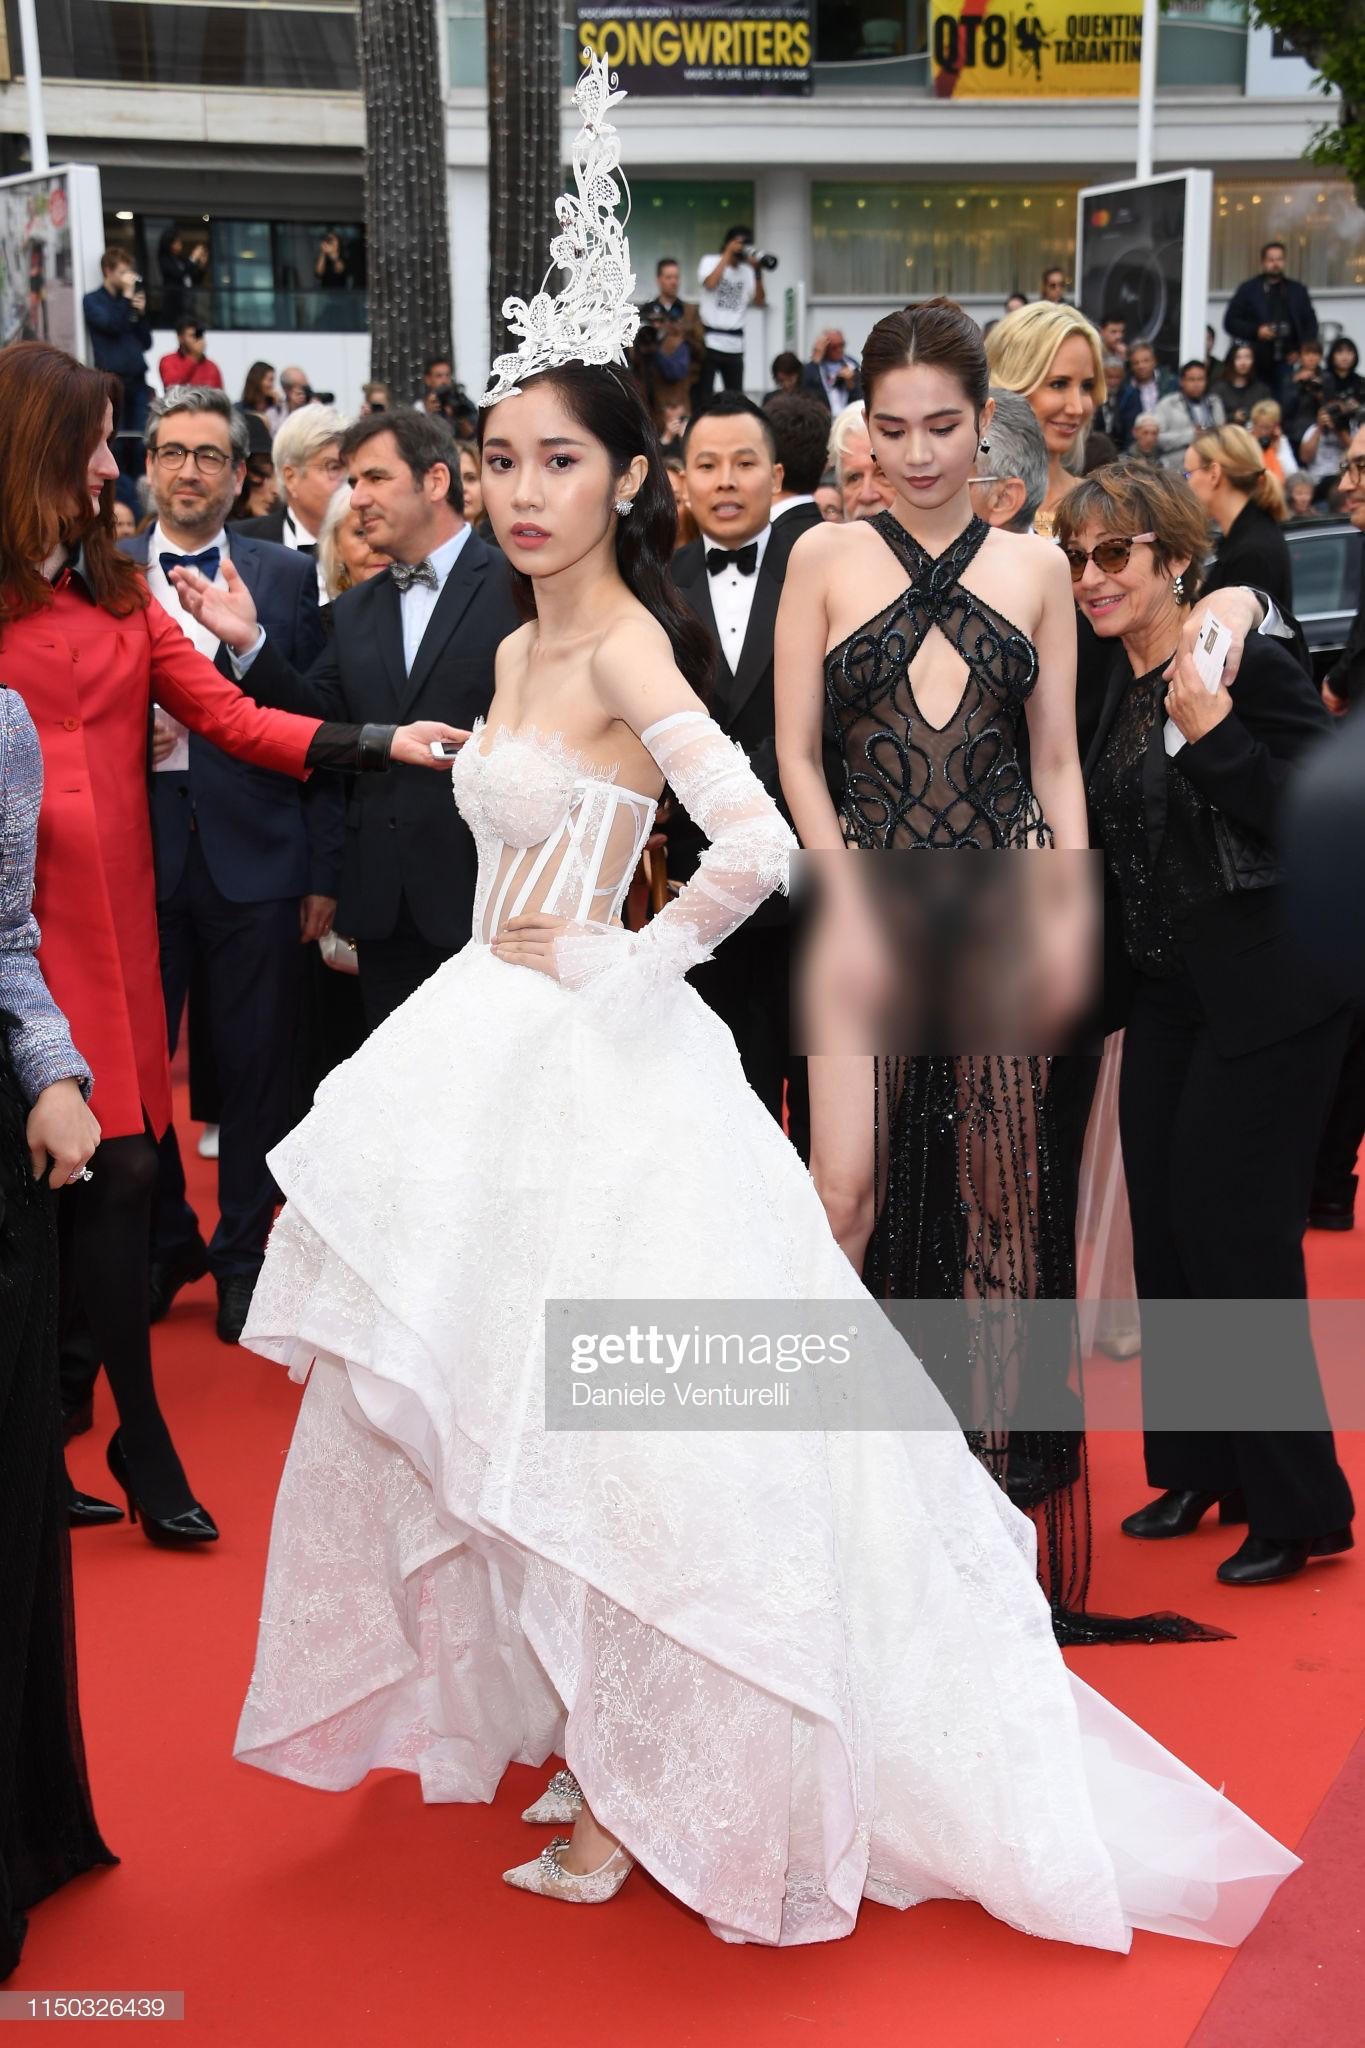 Sao Việt đến Cannes qua các mùa: Người vinh dự có tác phẩm, kẻ tơ hơ không ai biết xuất hiện để làm gì - Ảnh 32.